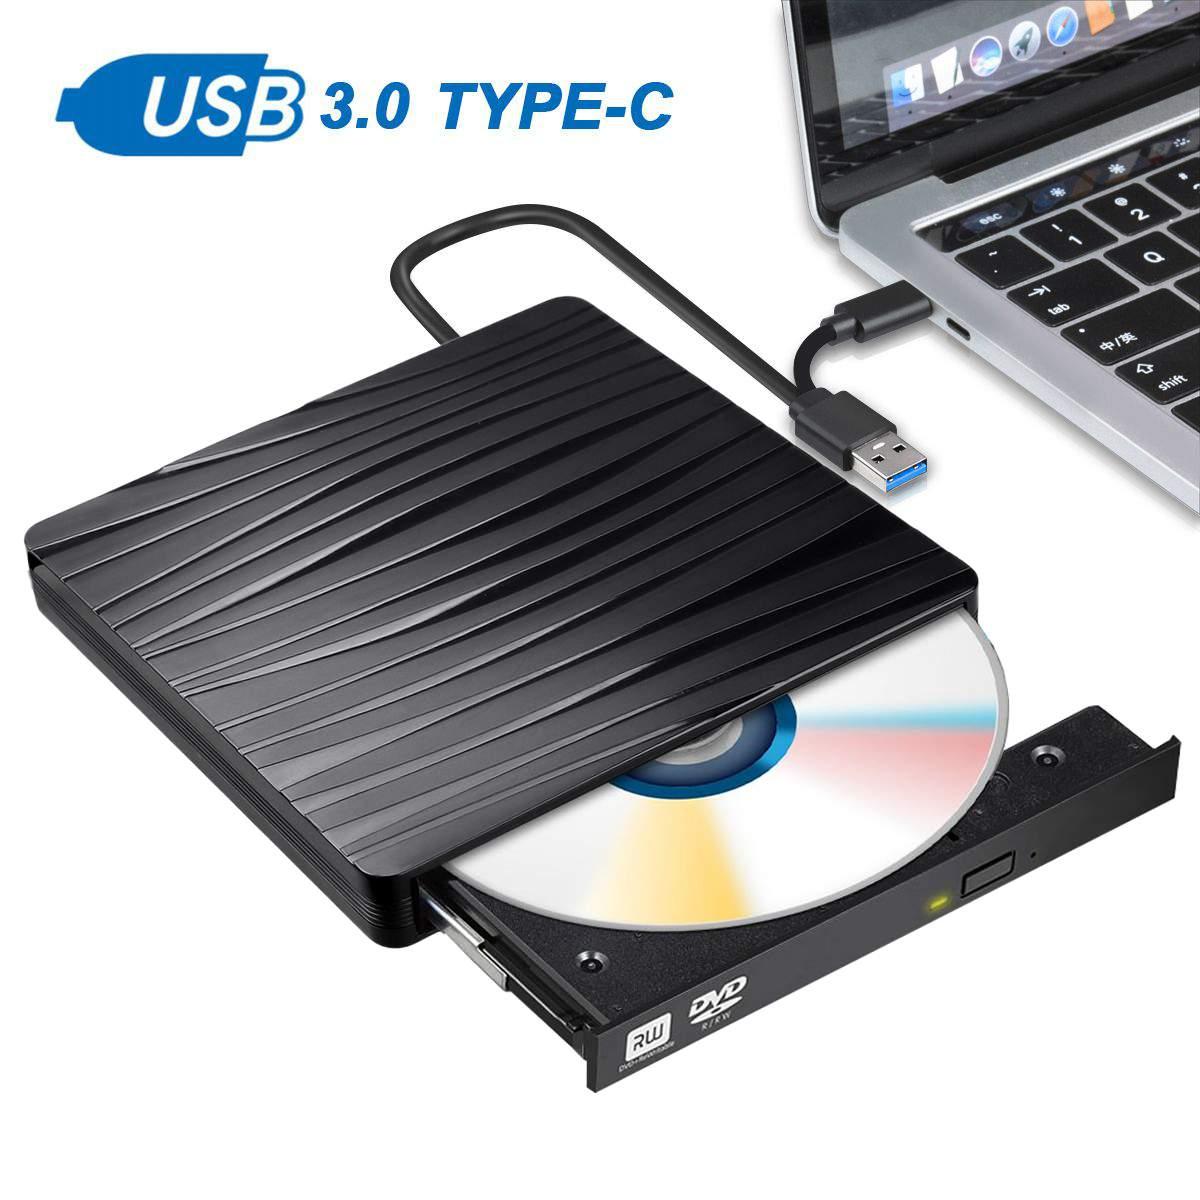 الخارجية DVD محرك الأقراص الضوئية USB 3.0 نوع-C CD ROM لاعب CD-RW الموقد الكاتب قارئ مسجل Portatil لأجهزة الكمبيوتر المحمول ويندوز PC